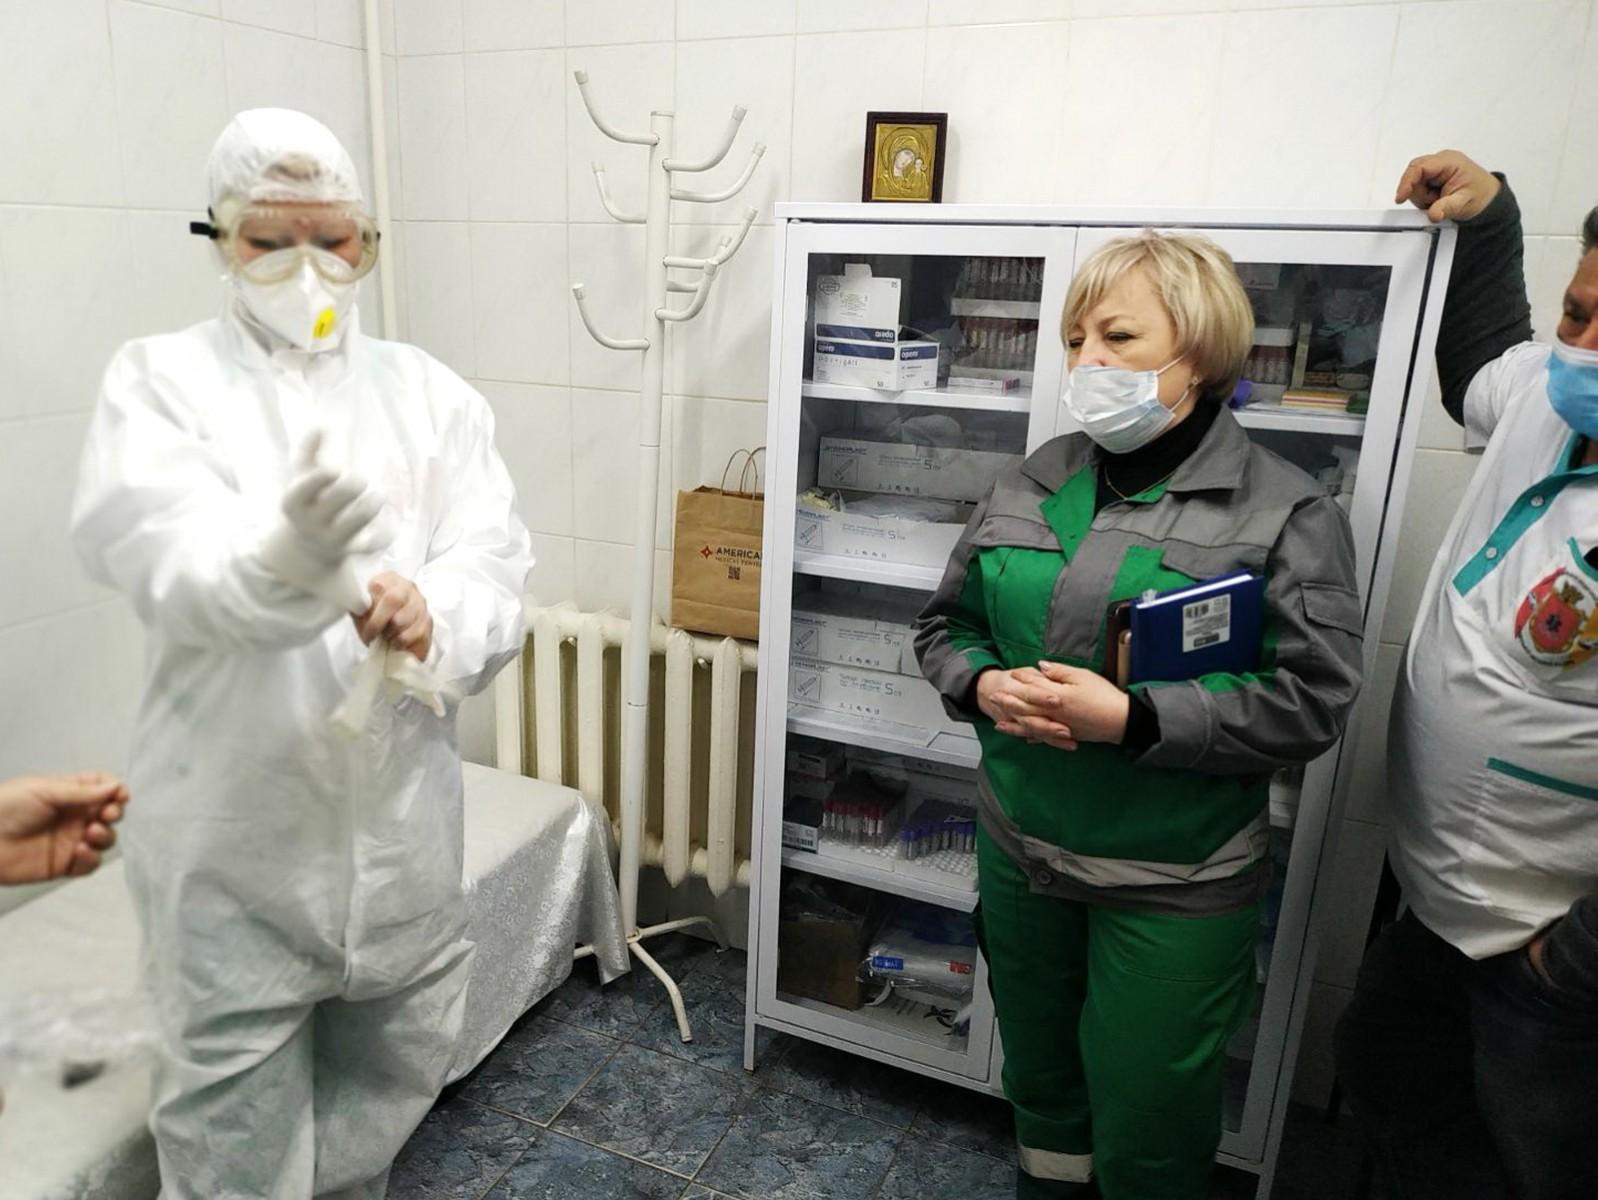 В Одесі створено мобільні бригади для діагностики COVID-19 на дому — Новини — Офіційний сайт міста Одеса